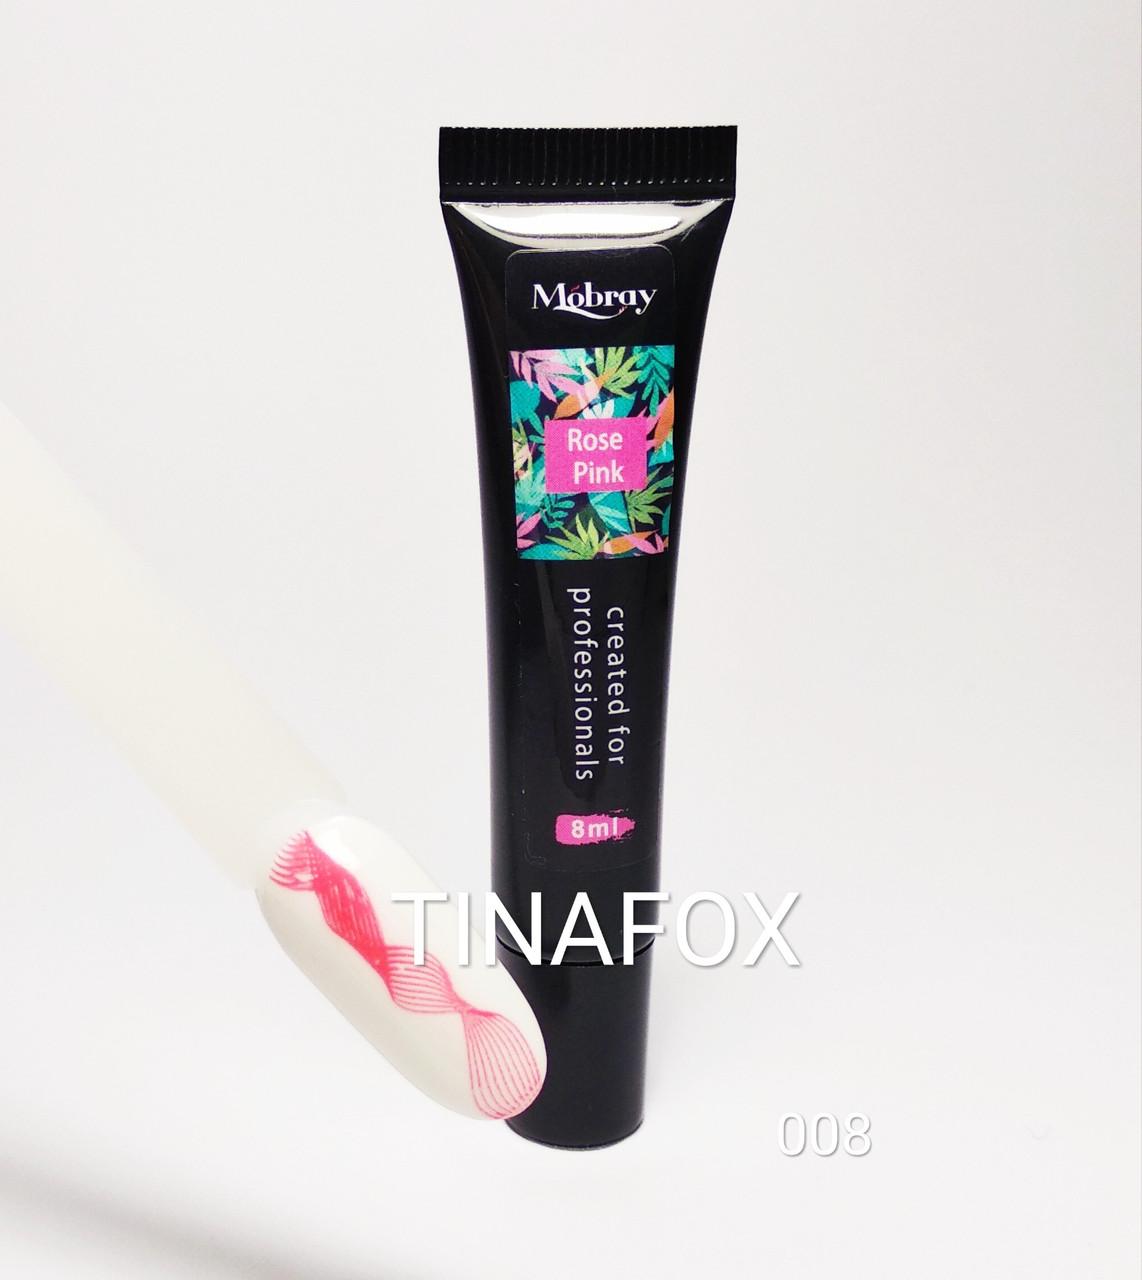 Гелевая краска для стемпинга и дизайна ногтей Mobray Розовая №008, 8 мл